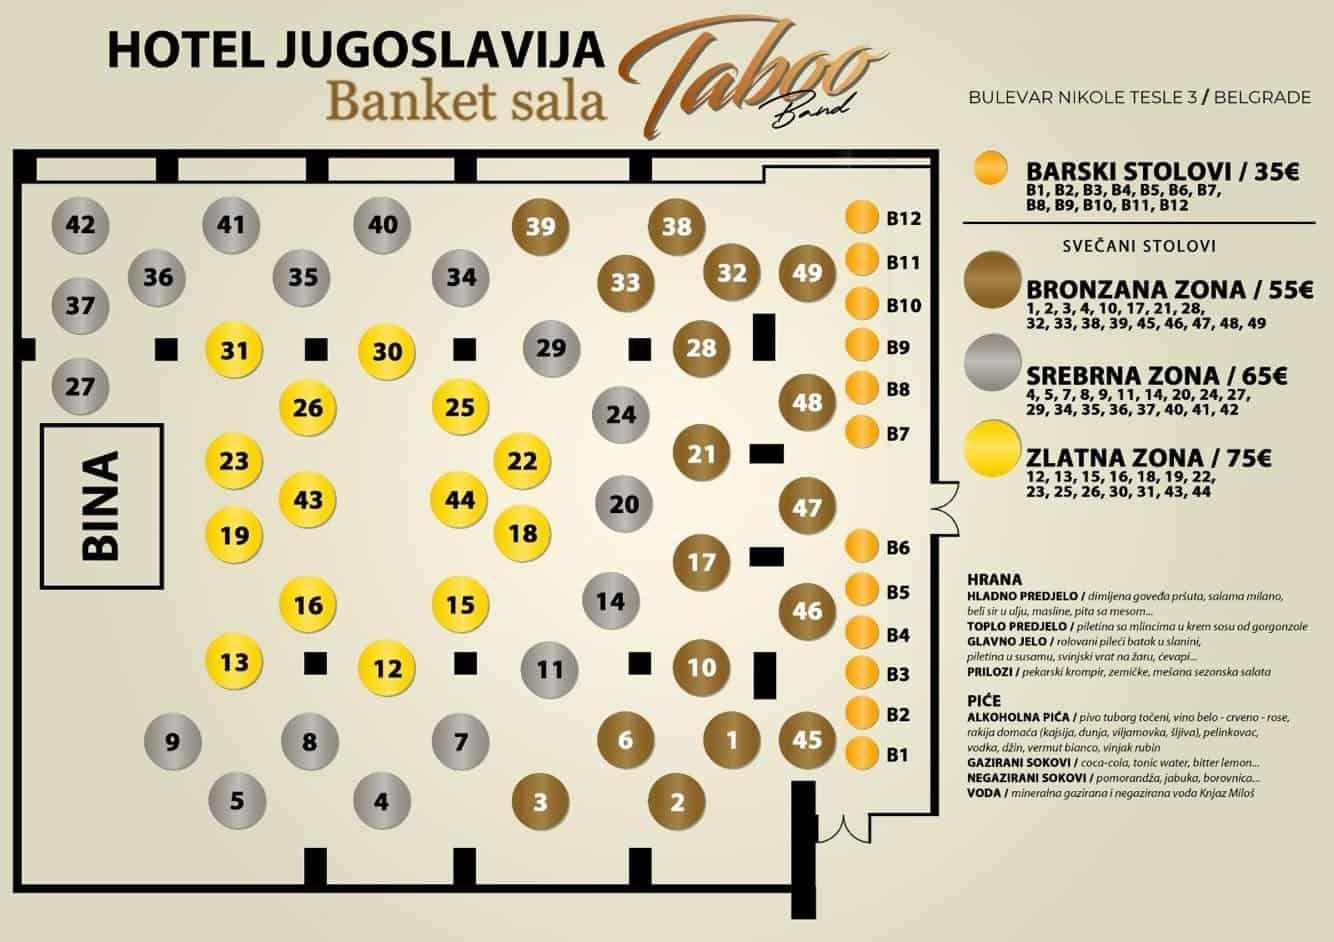 Hotel Jugoslavija Nova Godina Rezervacije Na 063 34 34 33